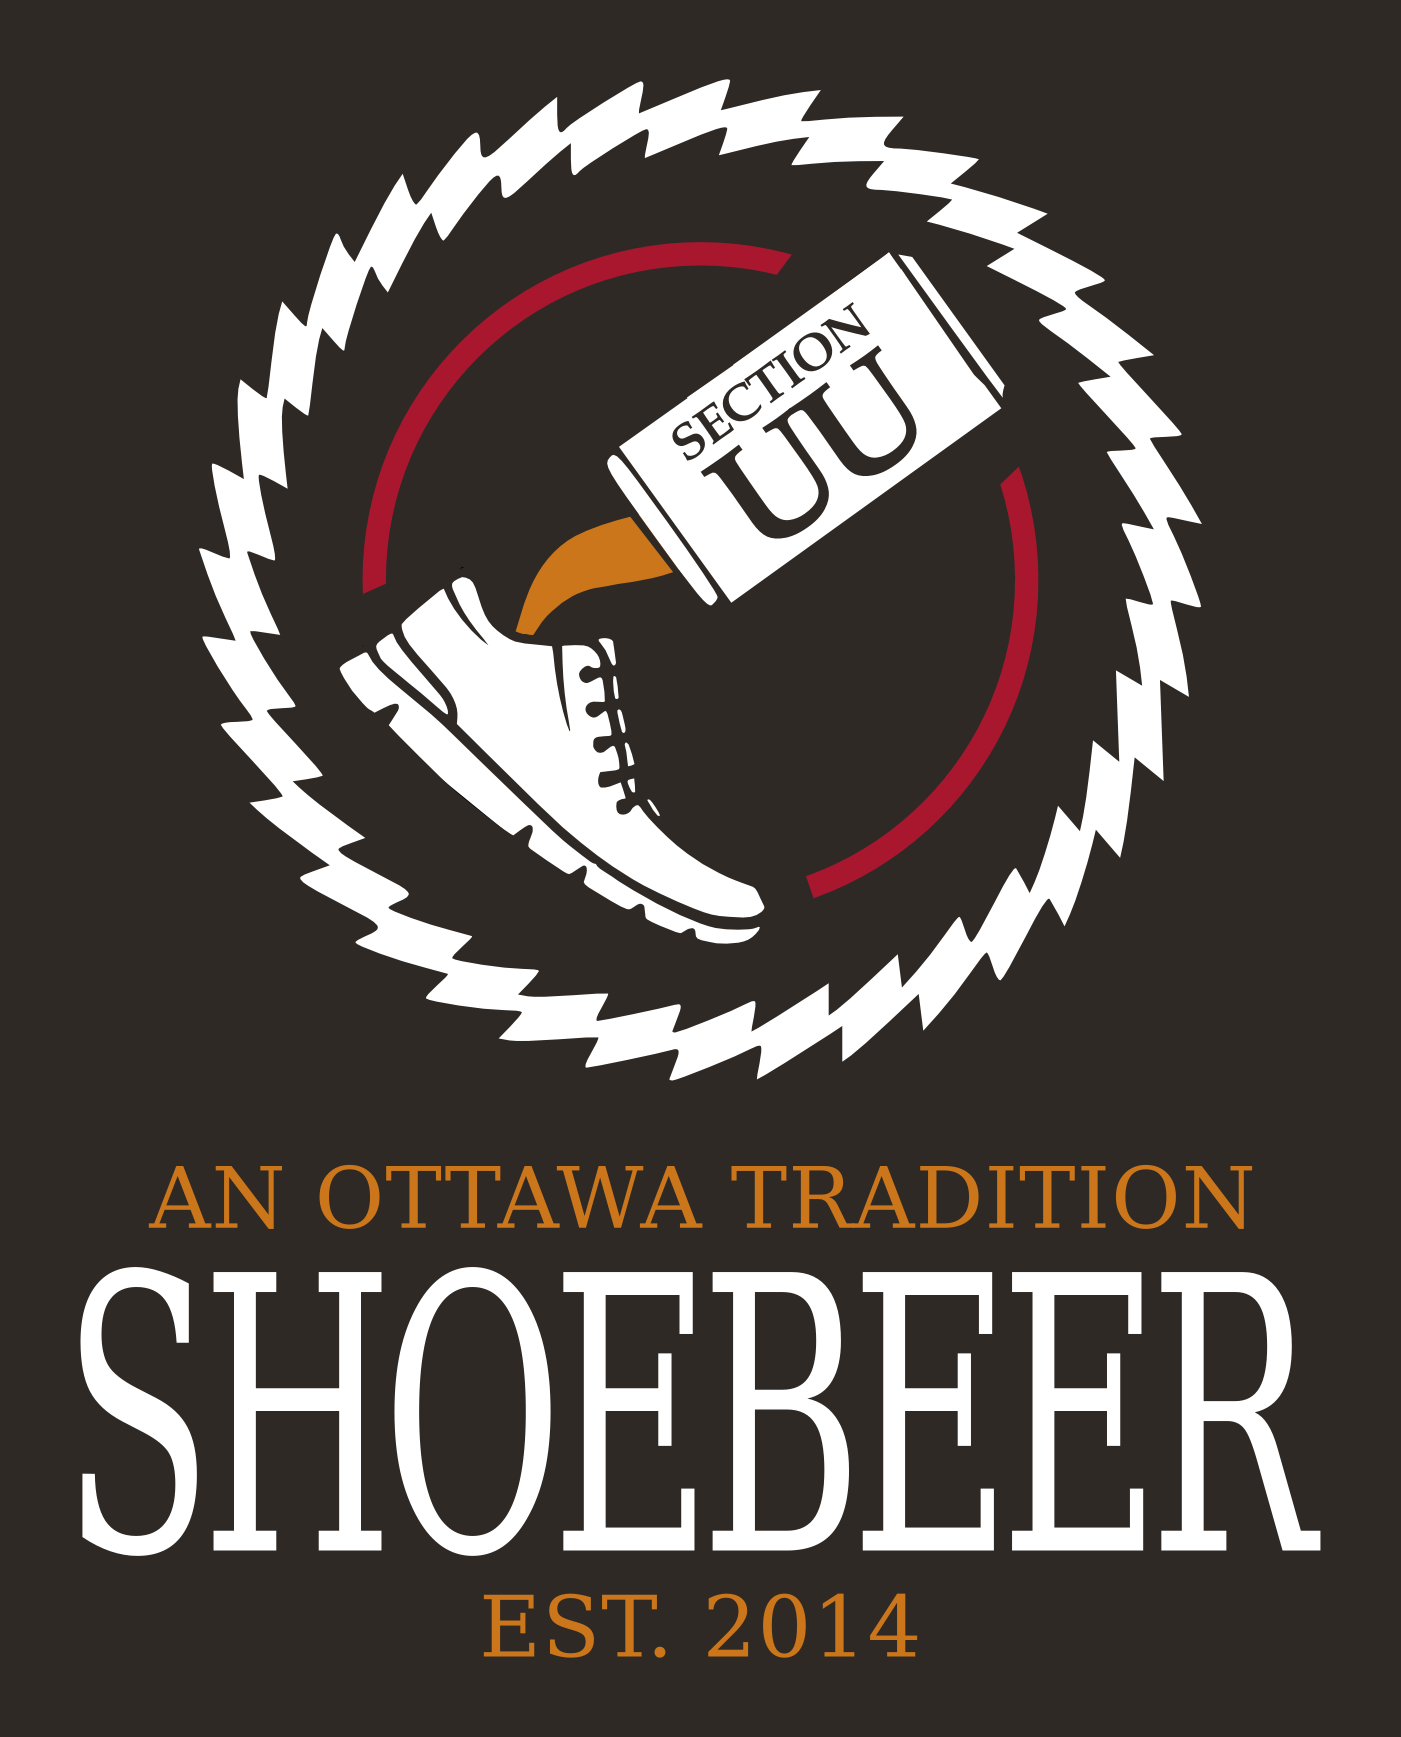 Shoebeer-Tshirt-Front-Black.png